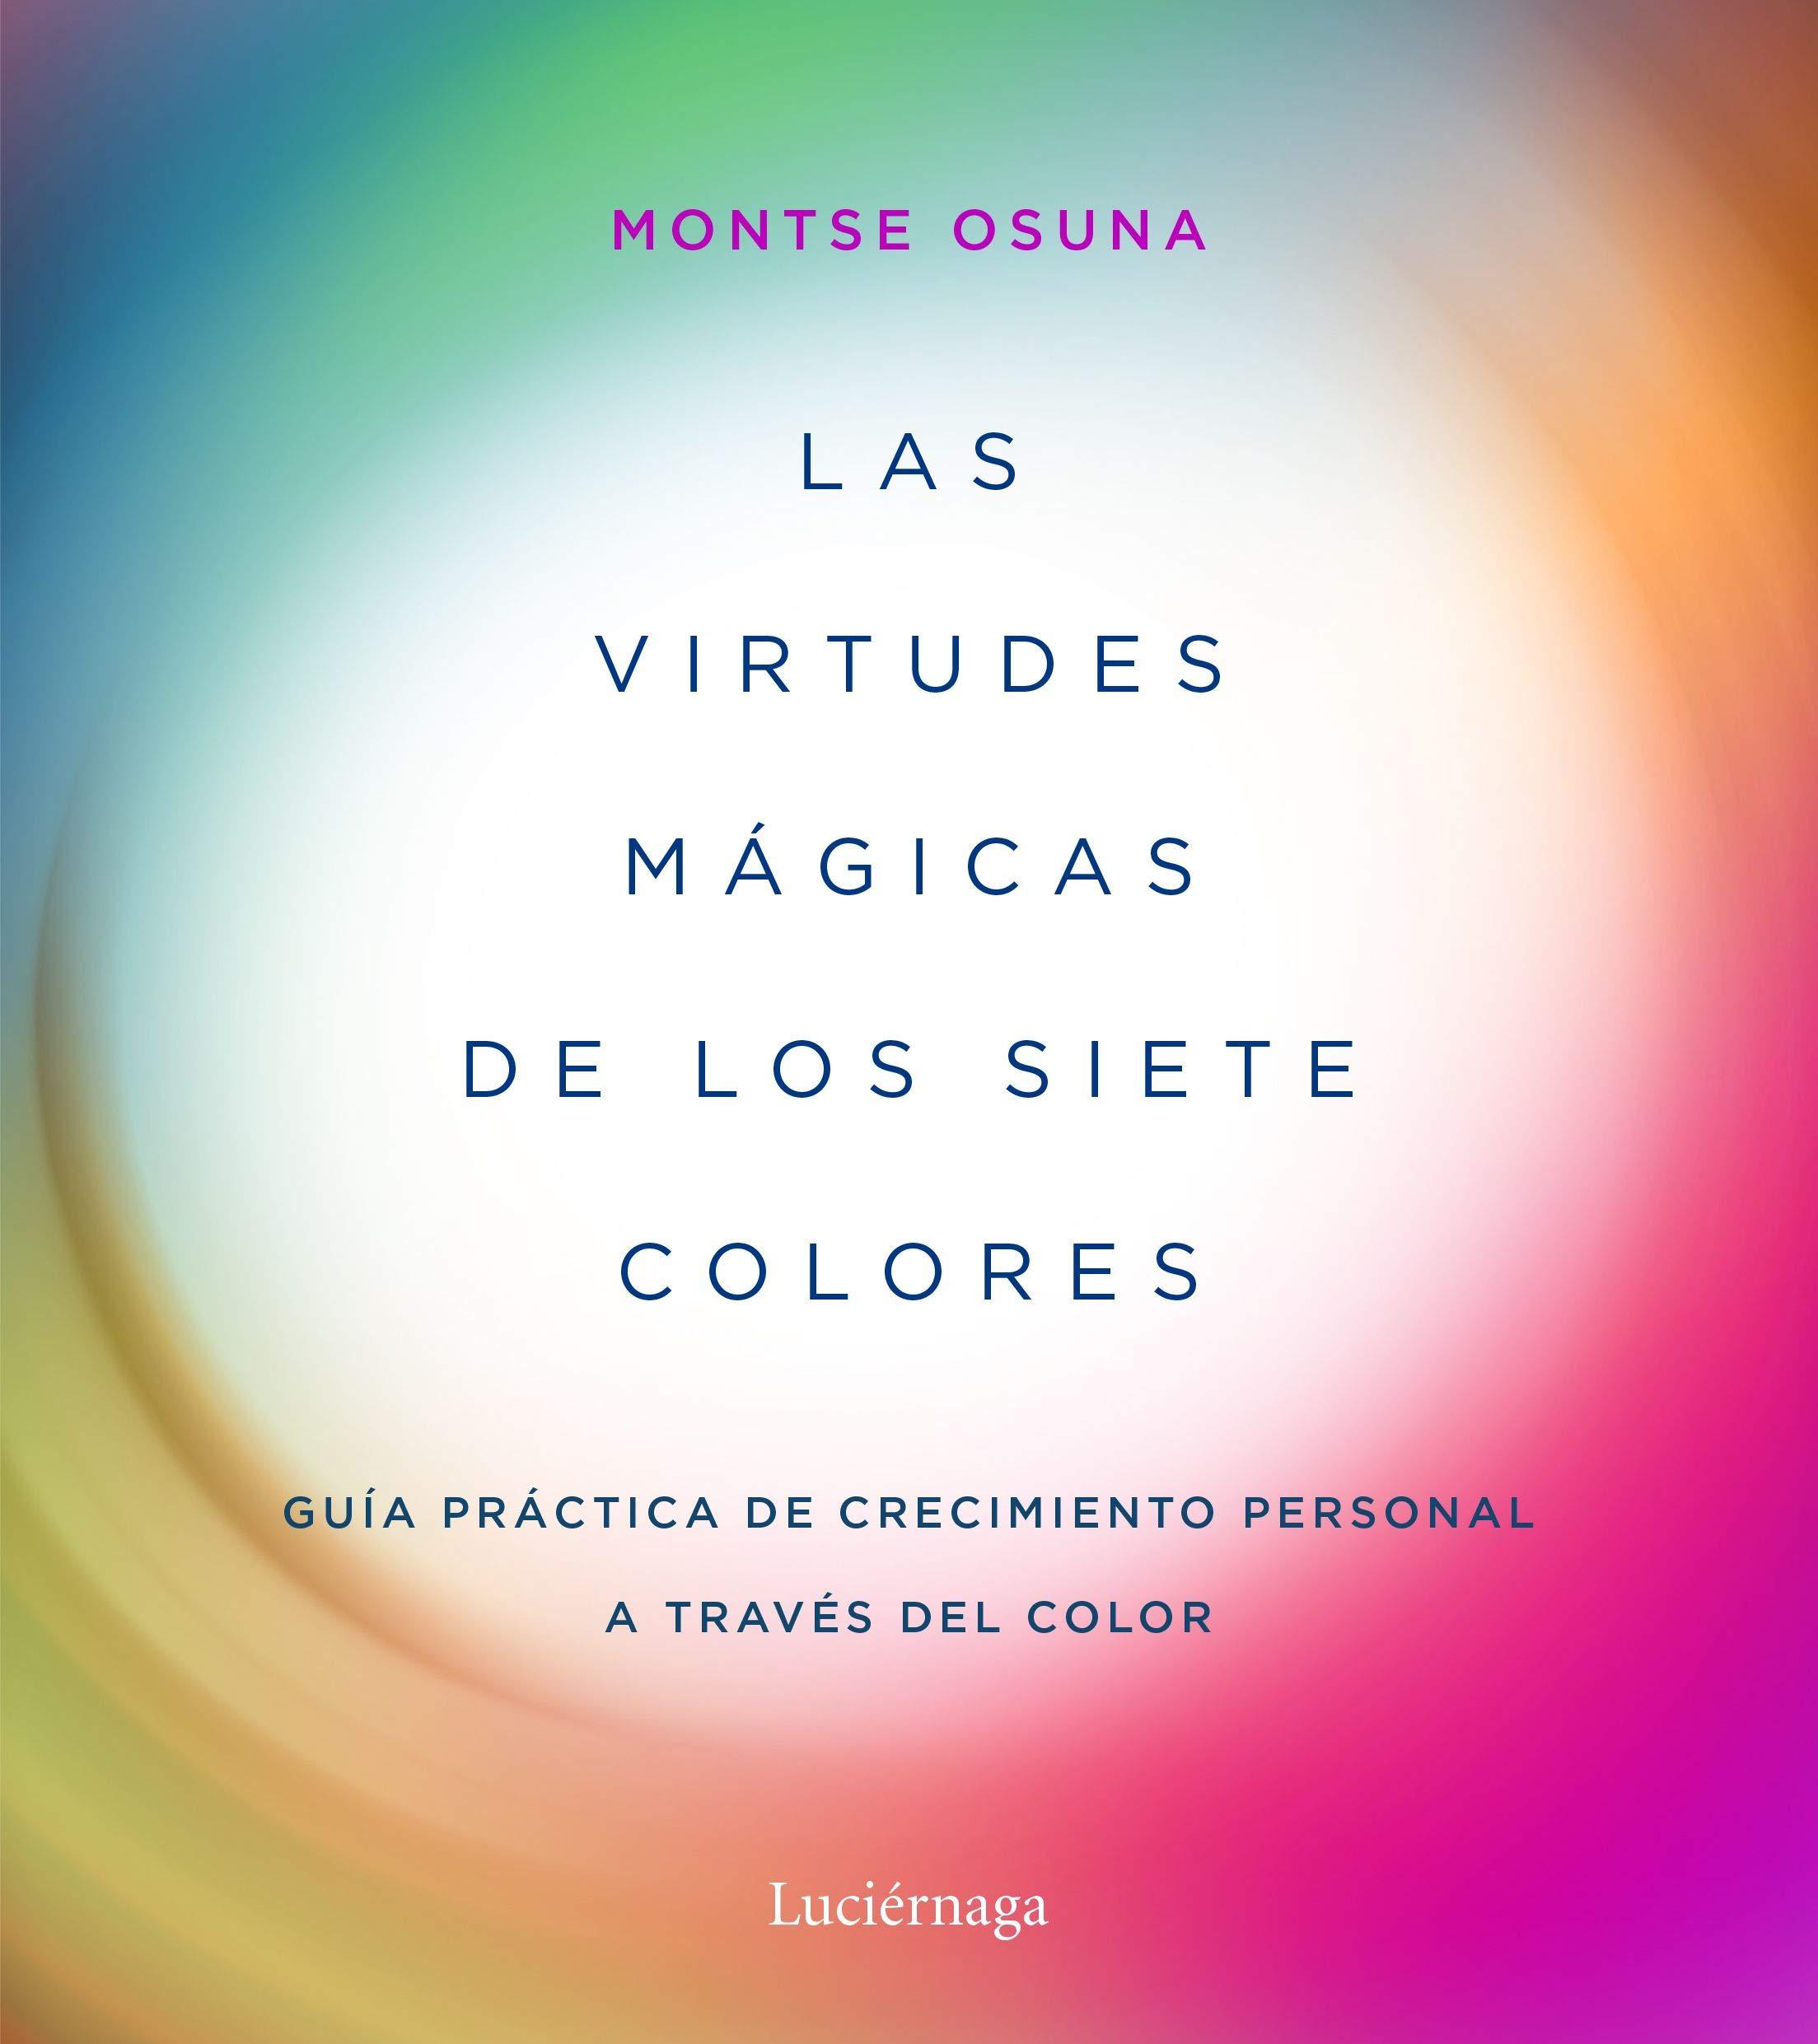 Las virtudes mágicas de los siete colores: Guía práctica de crecimiento personal a través del color PRACTICA: Amazon.es: Osuna, Montse: Libros